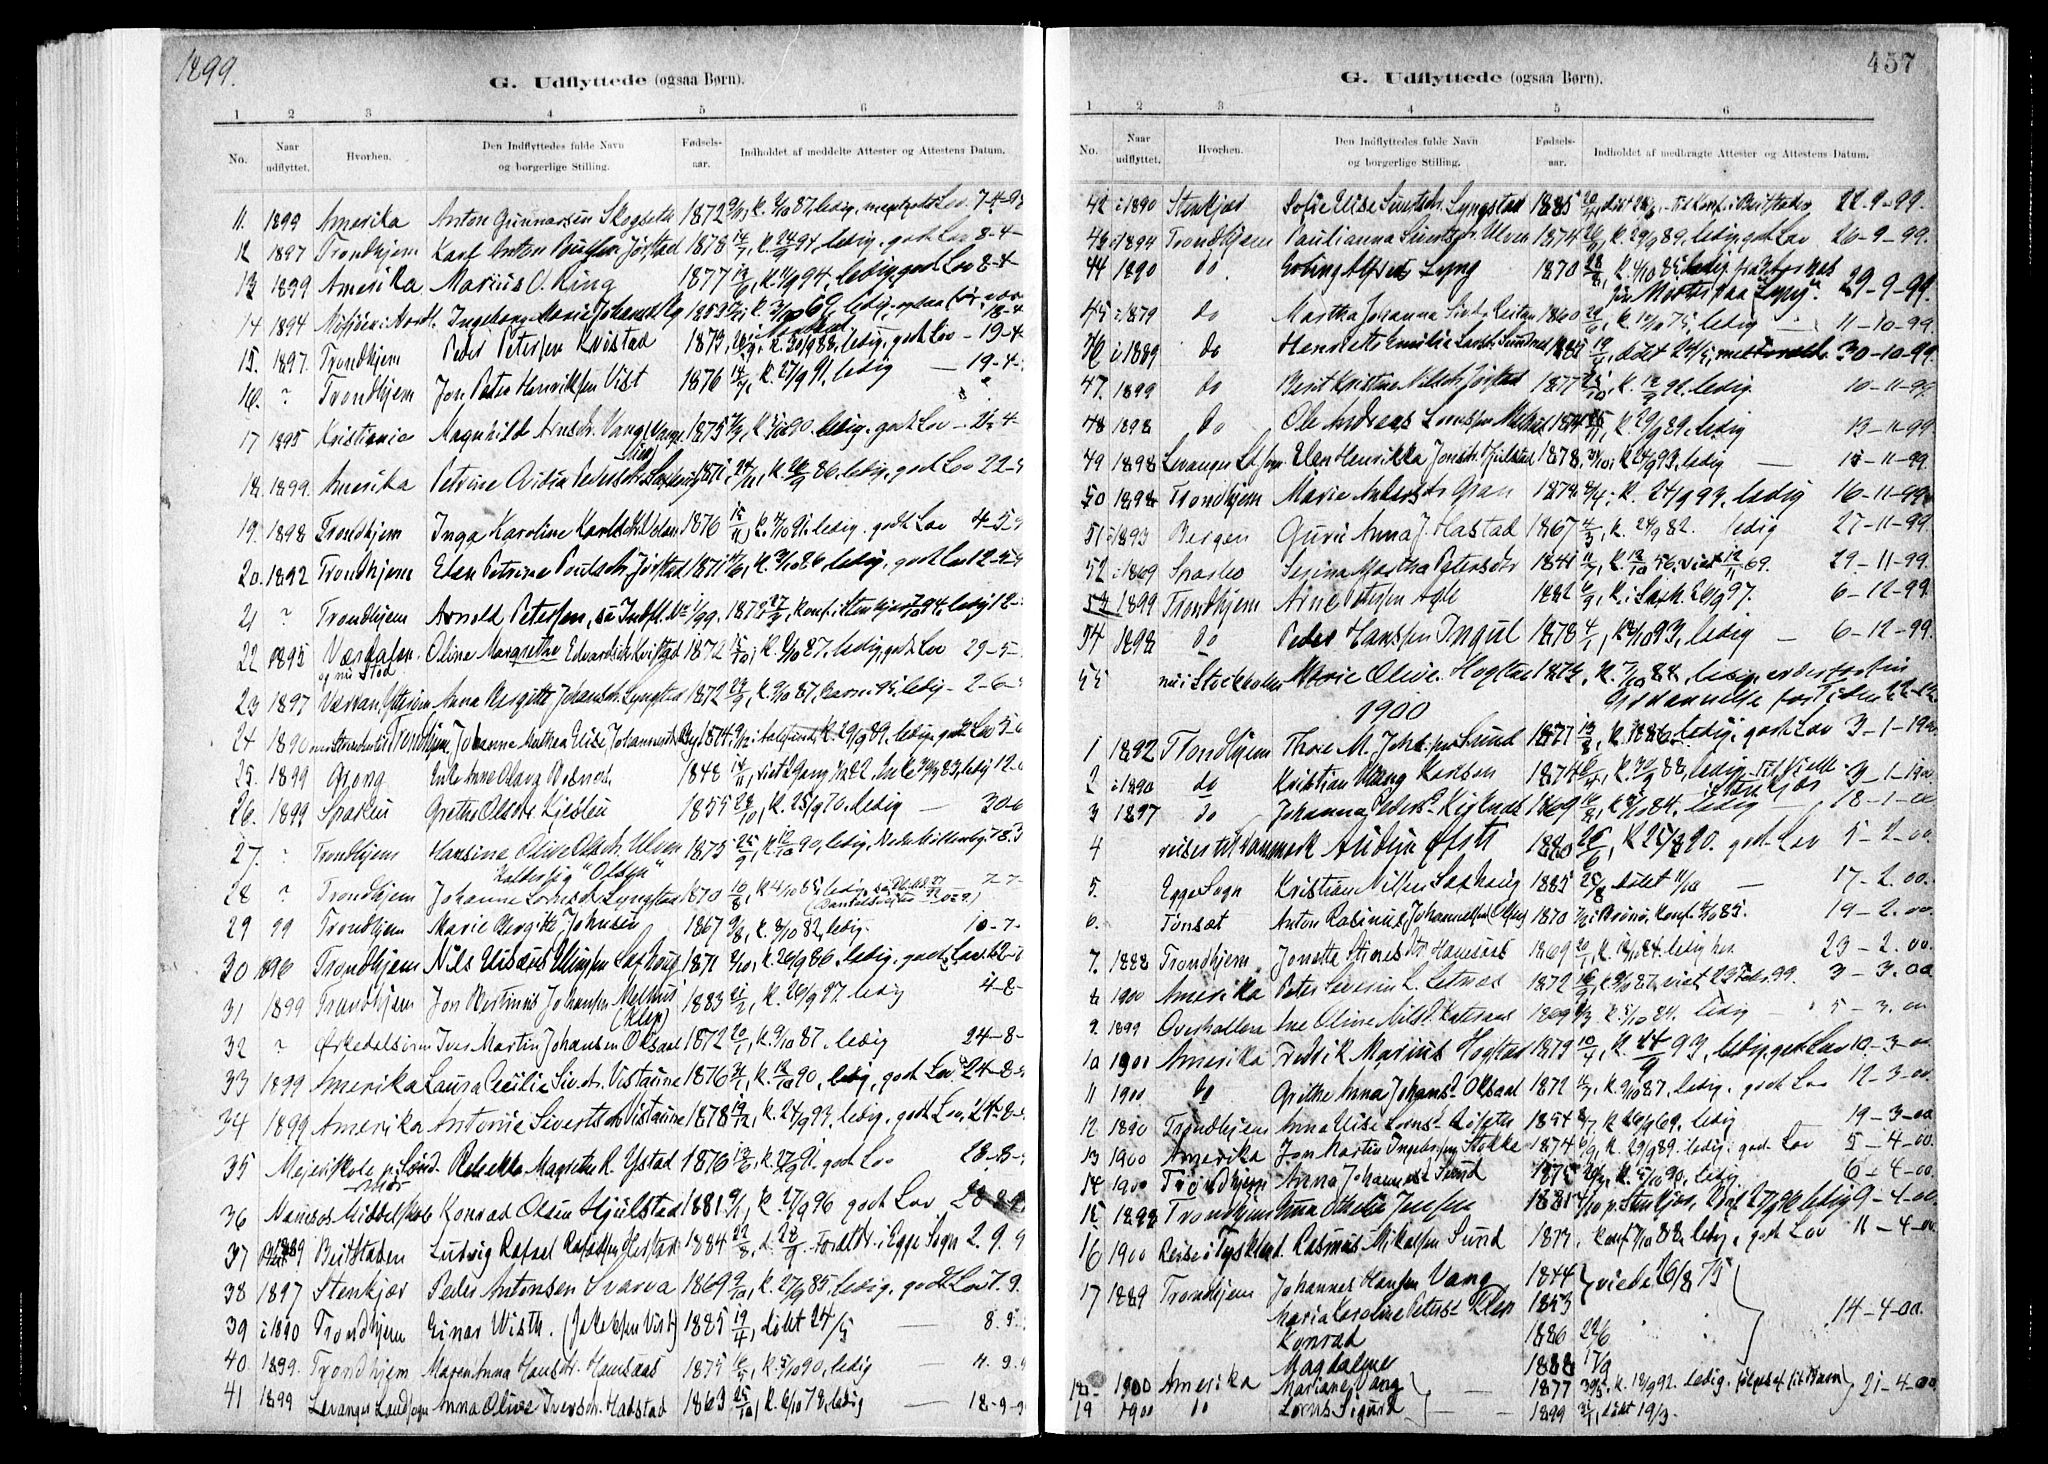 SAT, Ministerialprotokoller, klokkerbøker og fødselsregistre - Nord-Trøndelag, 730/L0285: Ministerialbok nr. 730A10, 1879-1914, s. 457